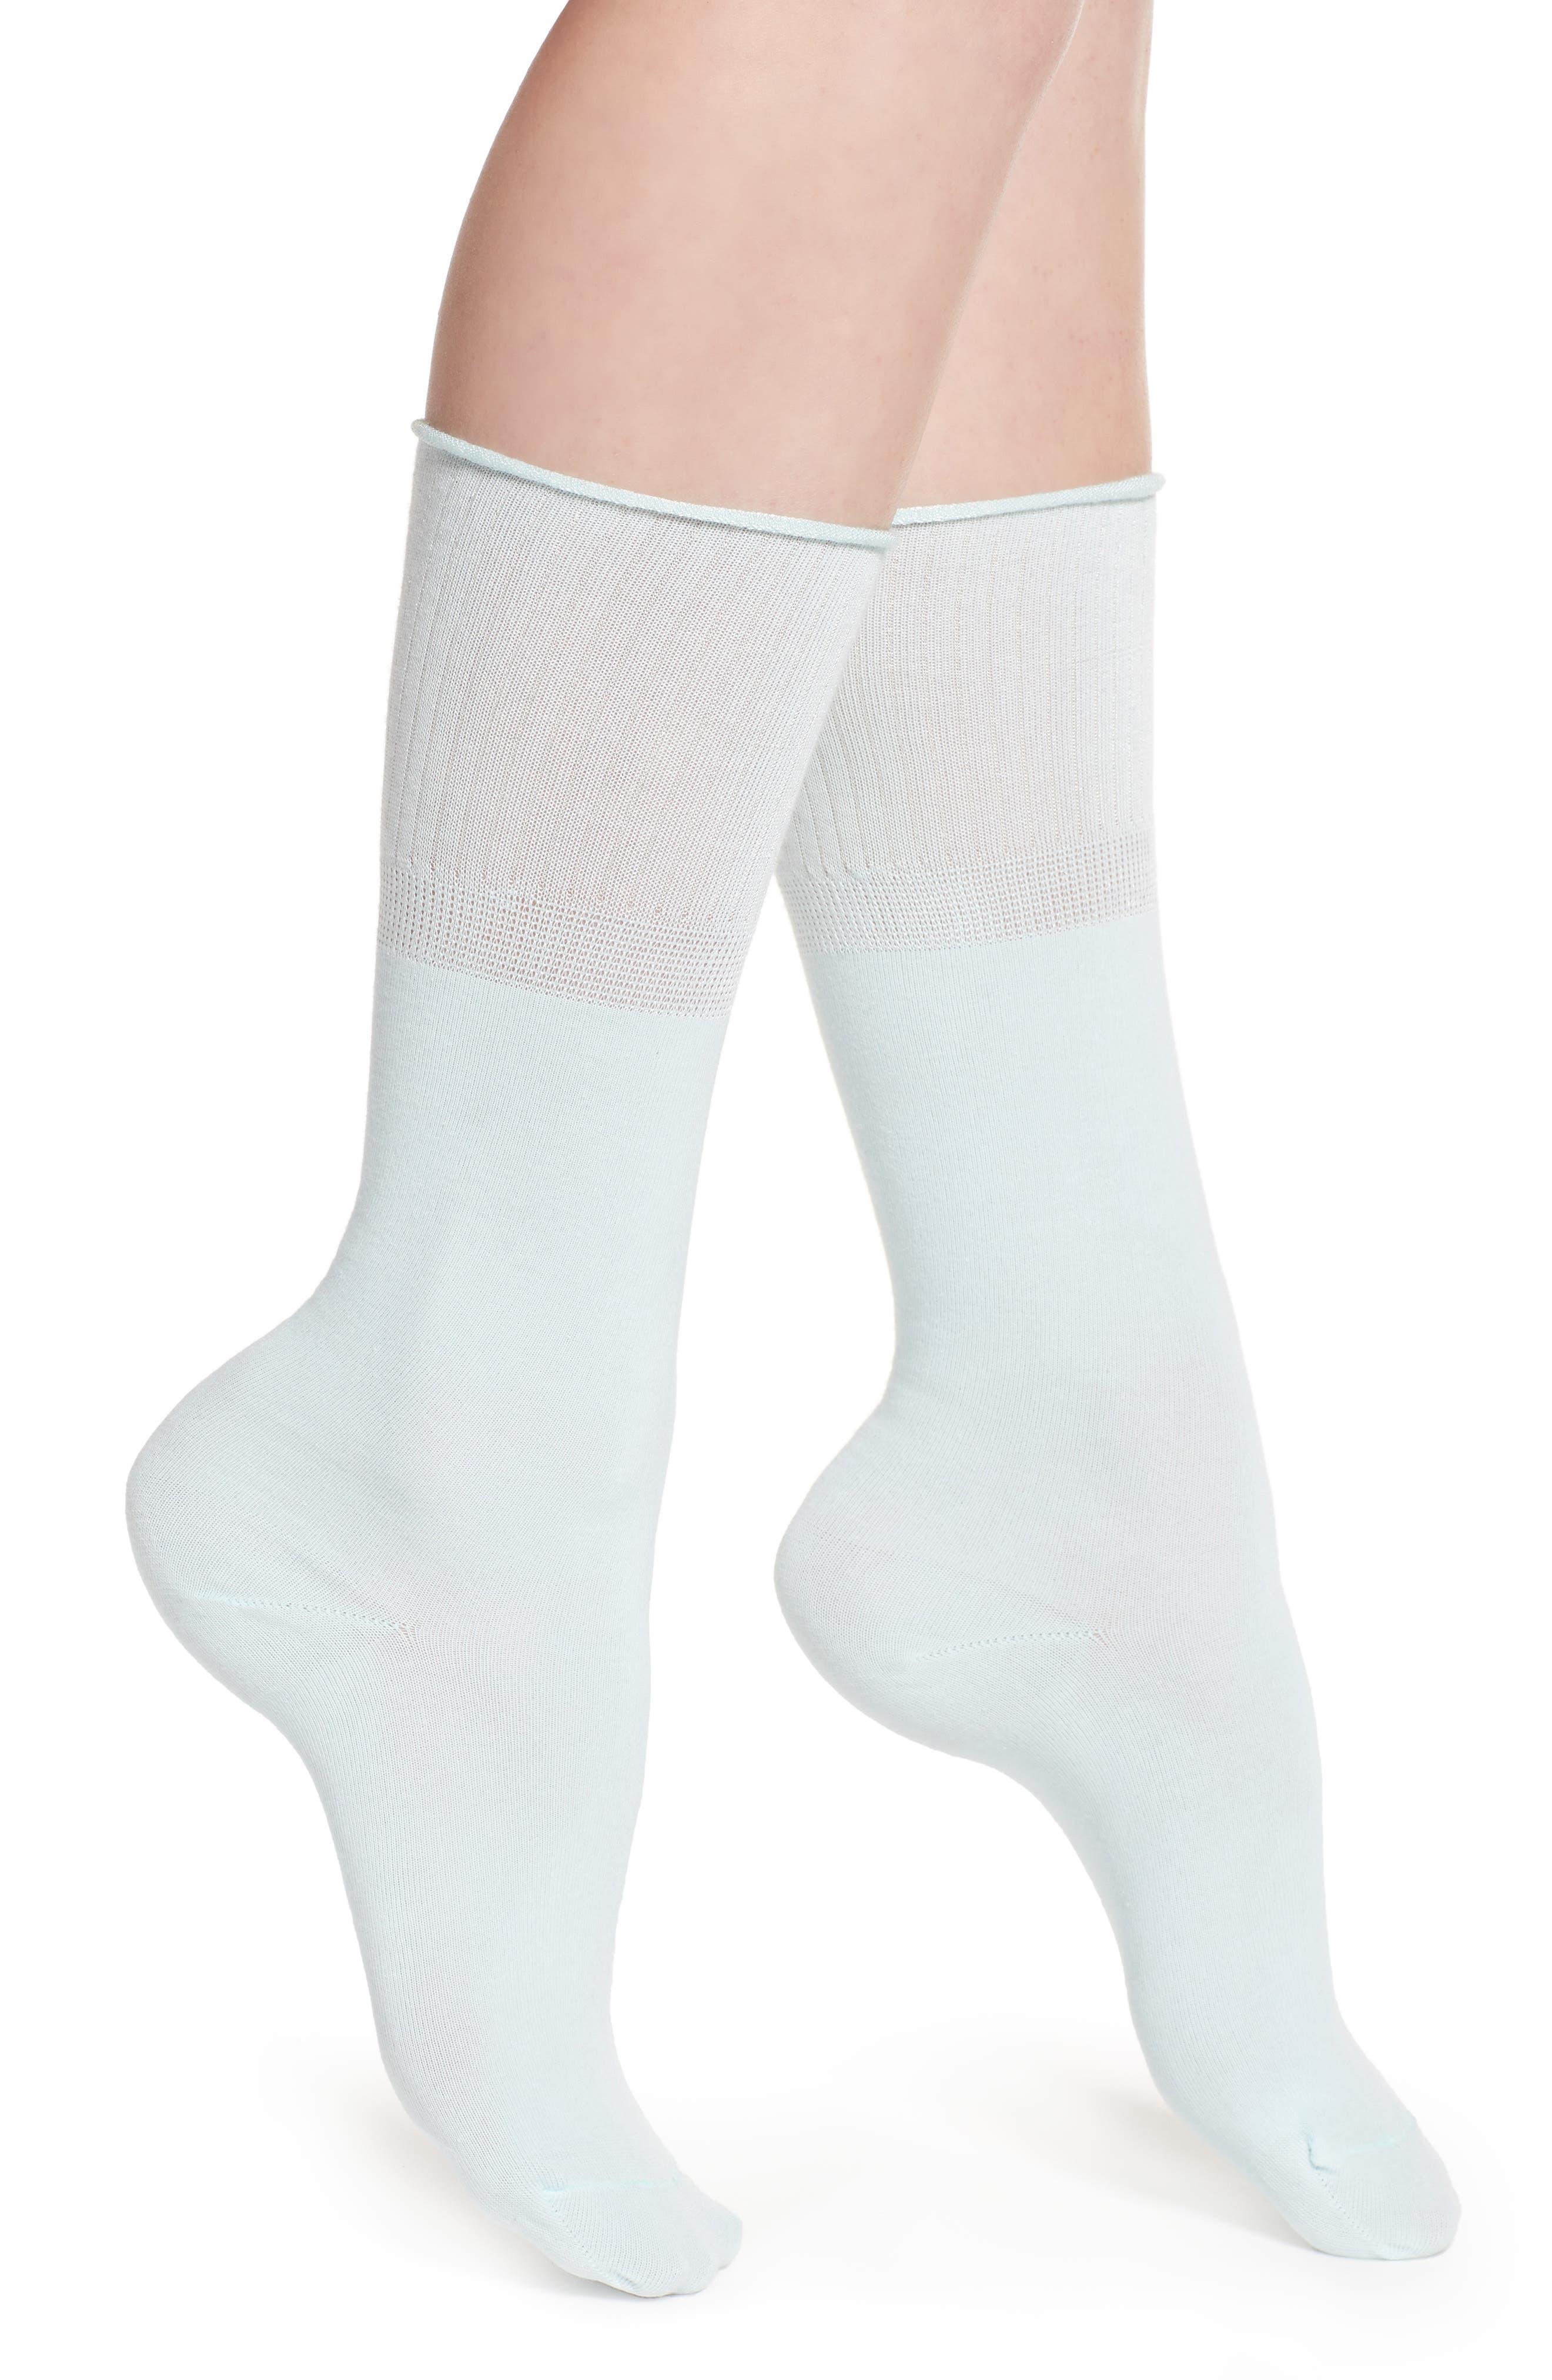 d361345a310 Women s Socks Sale